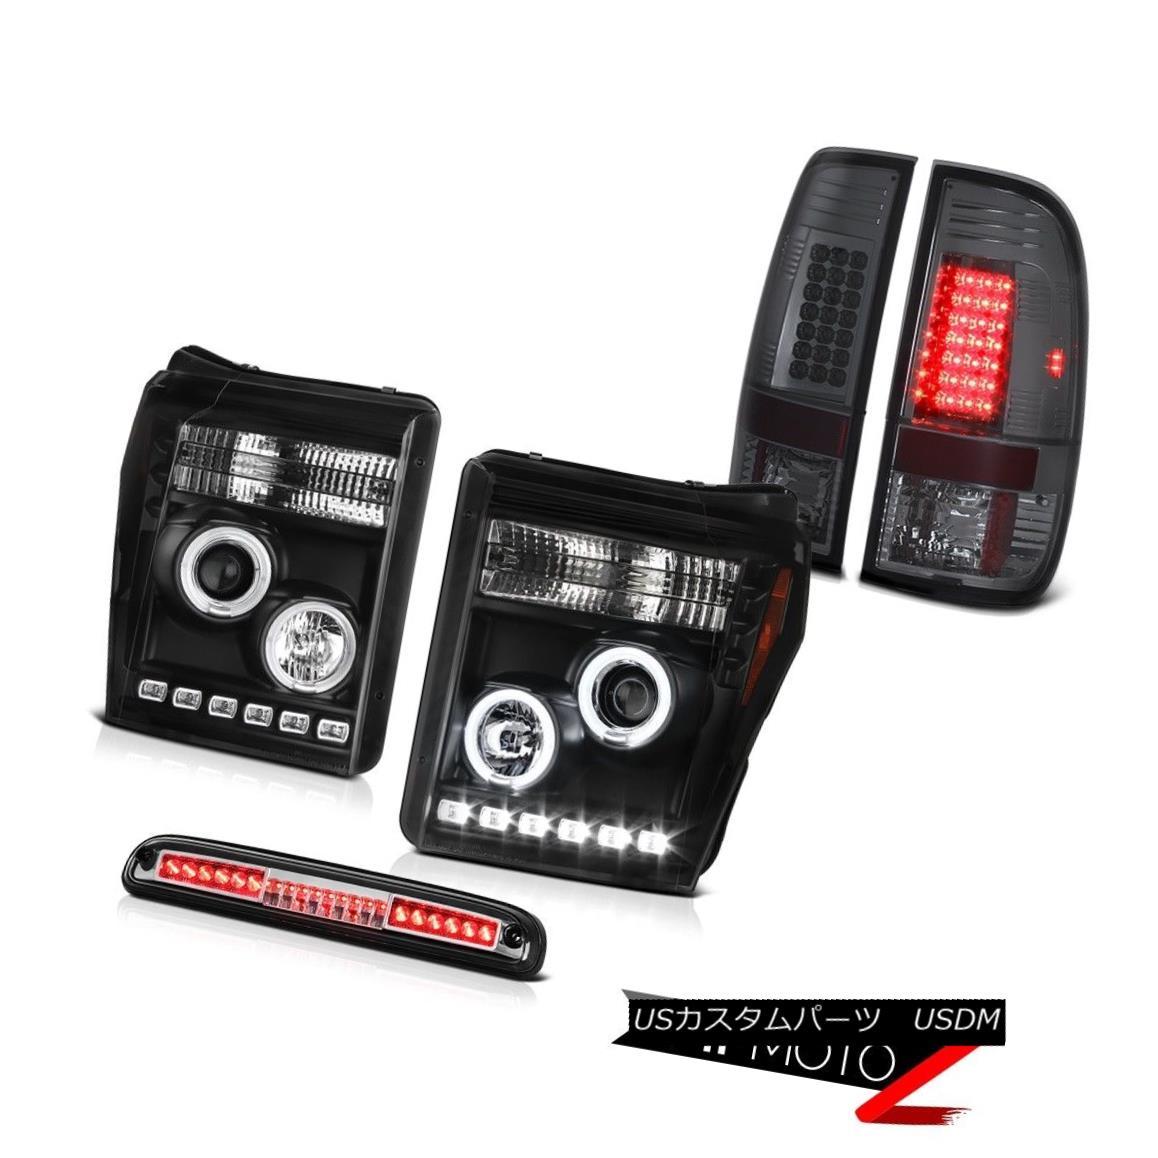 ヘッドライト 11-16 F250 6.2L High Stop Light Dark Smoke Tail Lamps Matte Black Headlights 11-16 F250 6.2Lハイストップライトダークスモークテールランプマットブラックヘッドライト